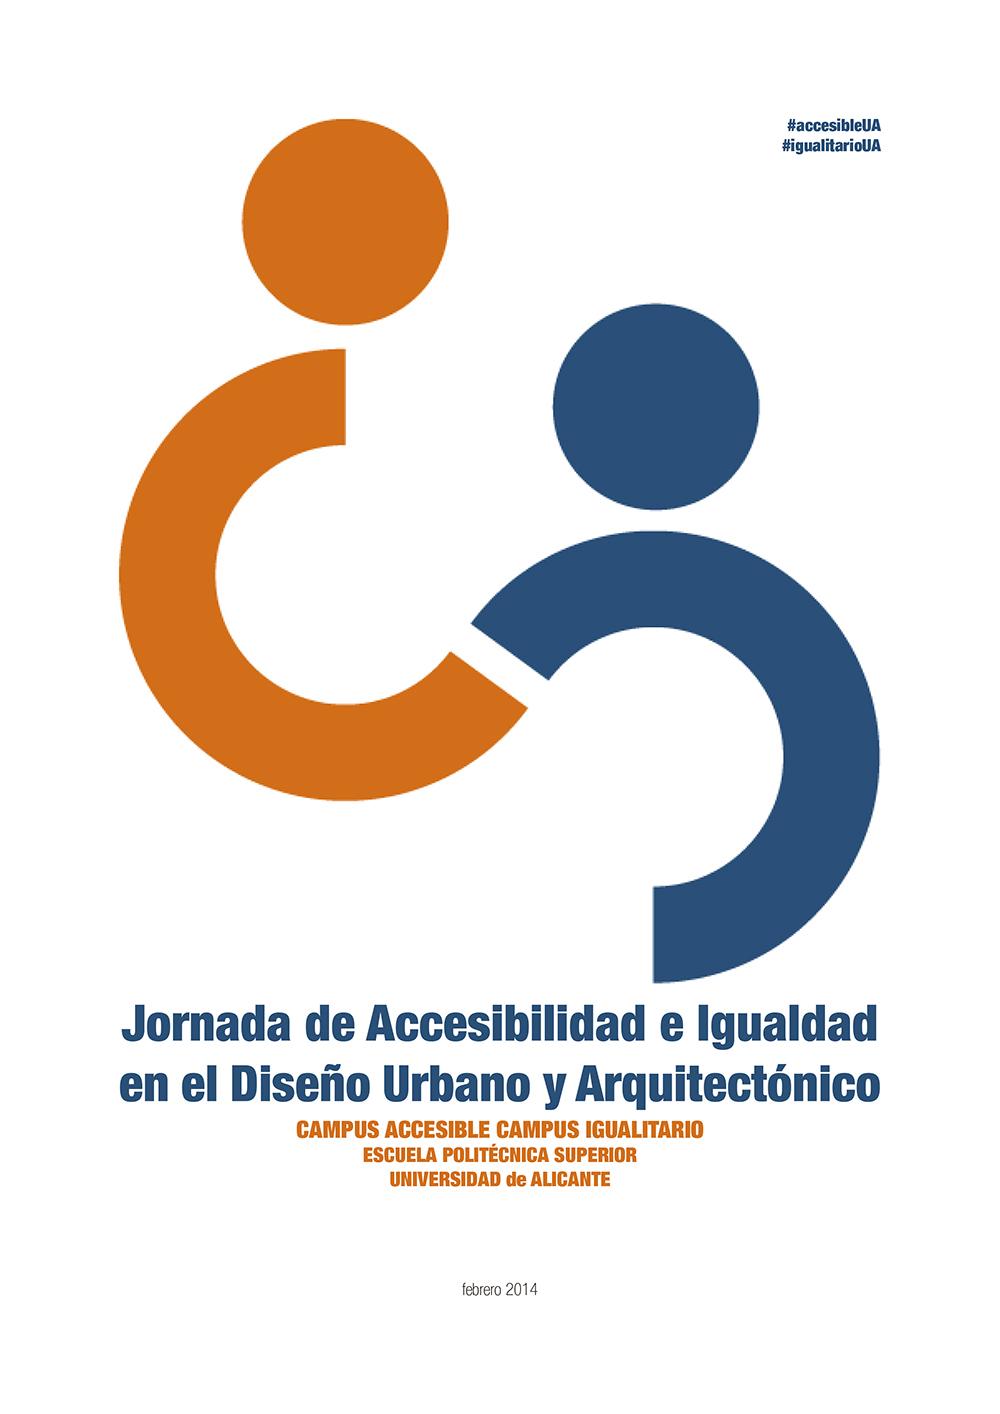 Jornada de Accesibilidad e Igualdad en el Diseño Urbano y Arquitectónico-1